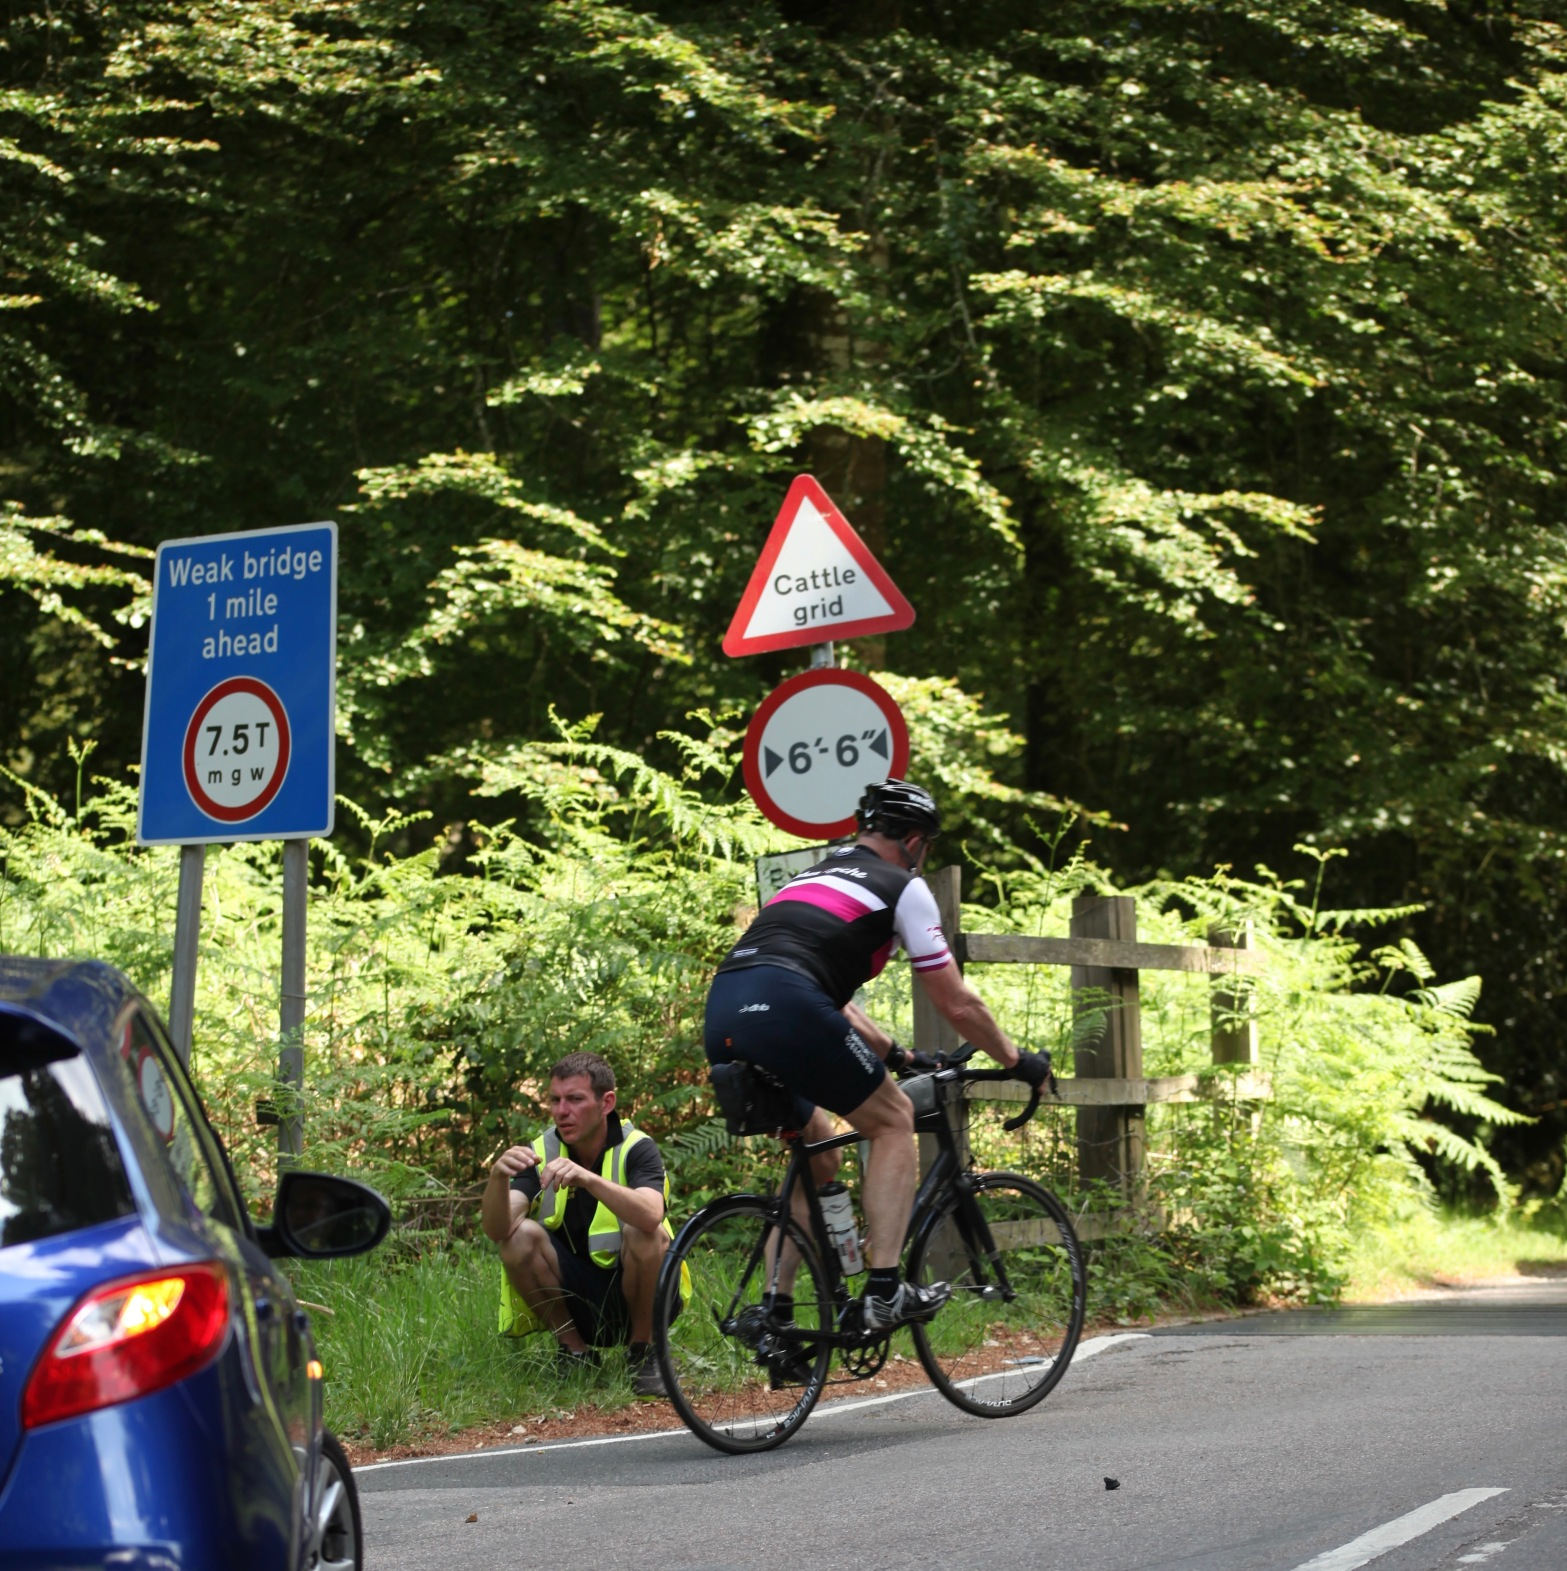 Cyclist and marshall